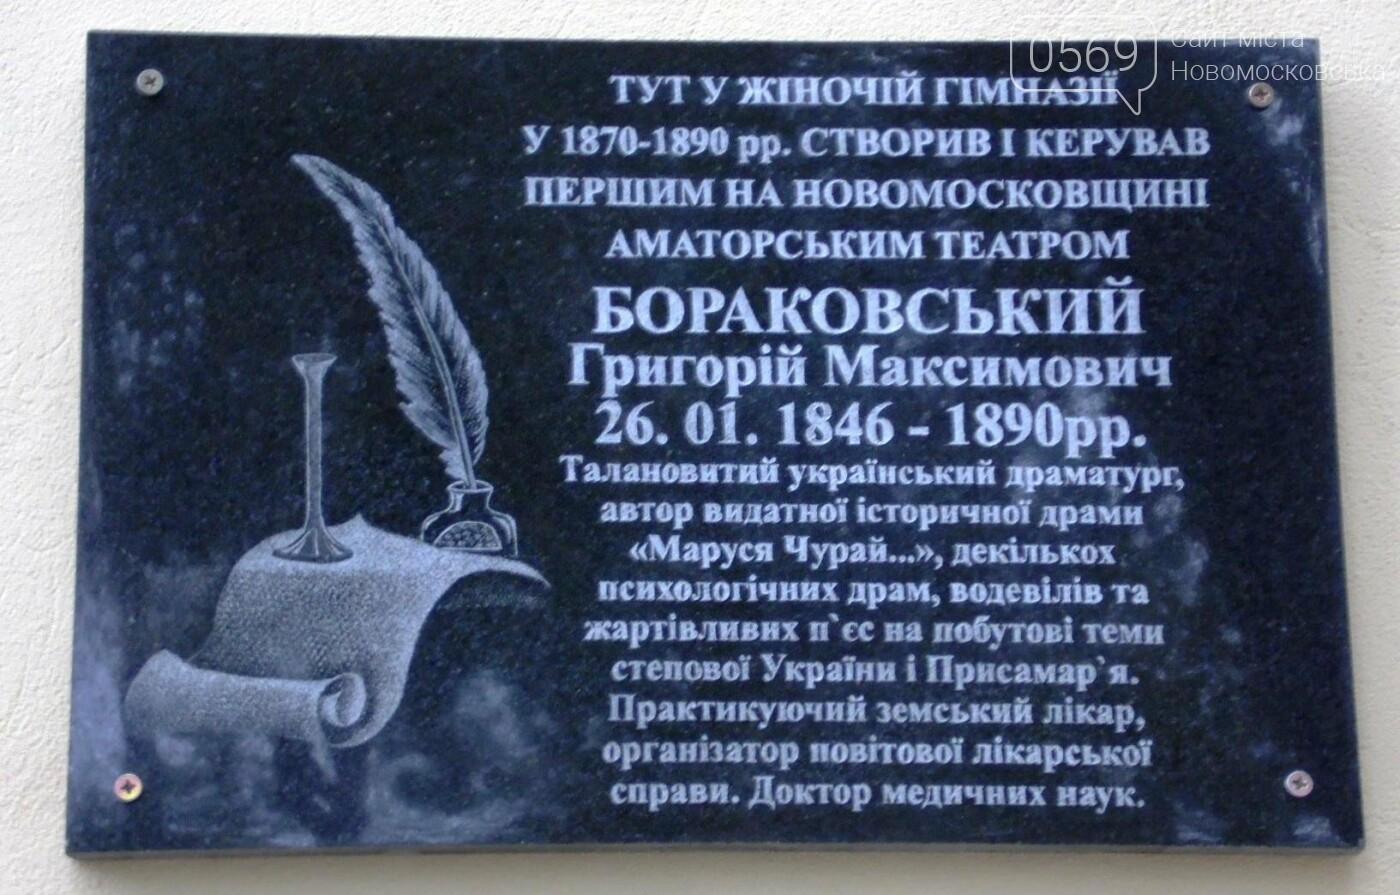 В Новомосковске увековечили память Григория Бораковского, фото-1